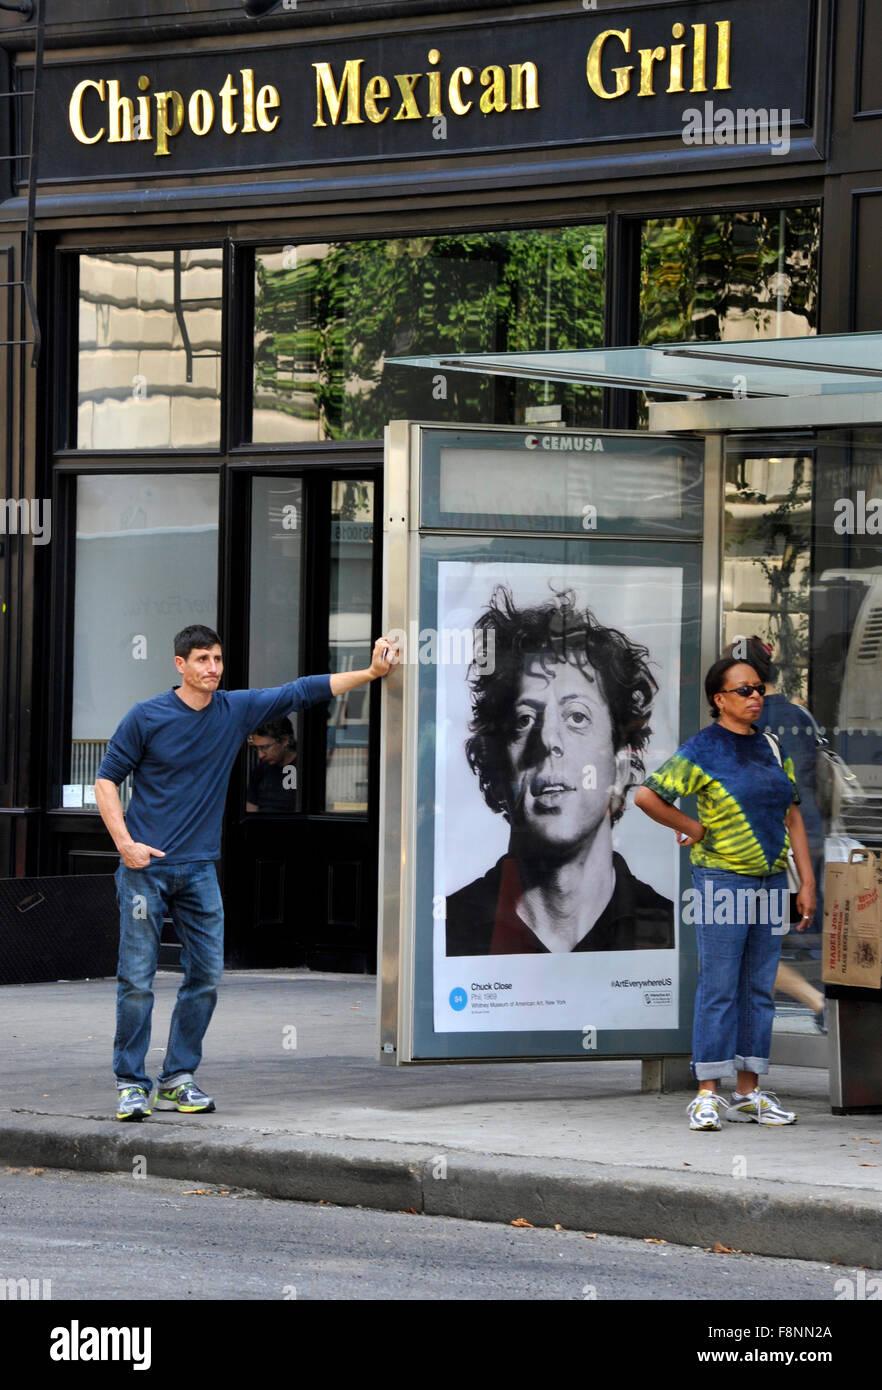 Ein Chuck Close Gemälde wird auf einen Bus Shelter Werbetafel in New ...